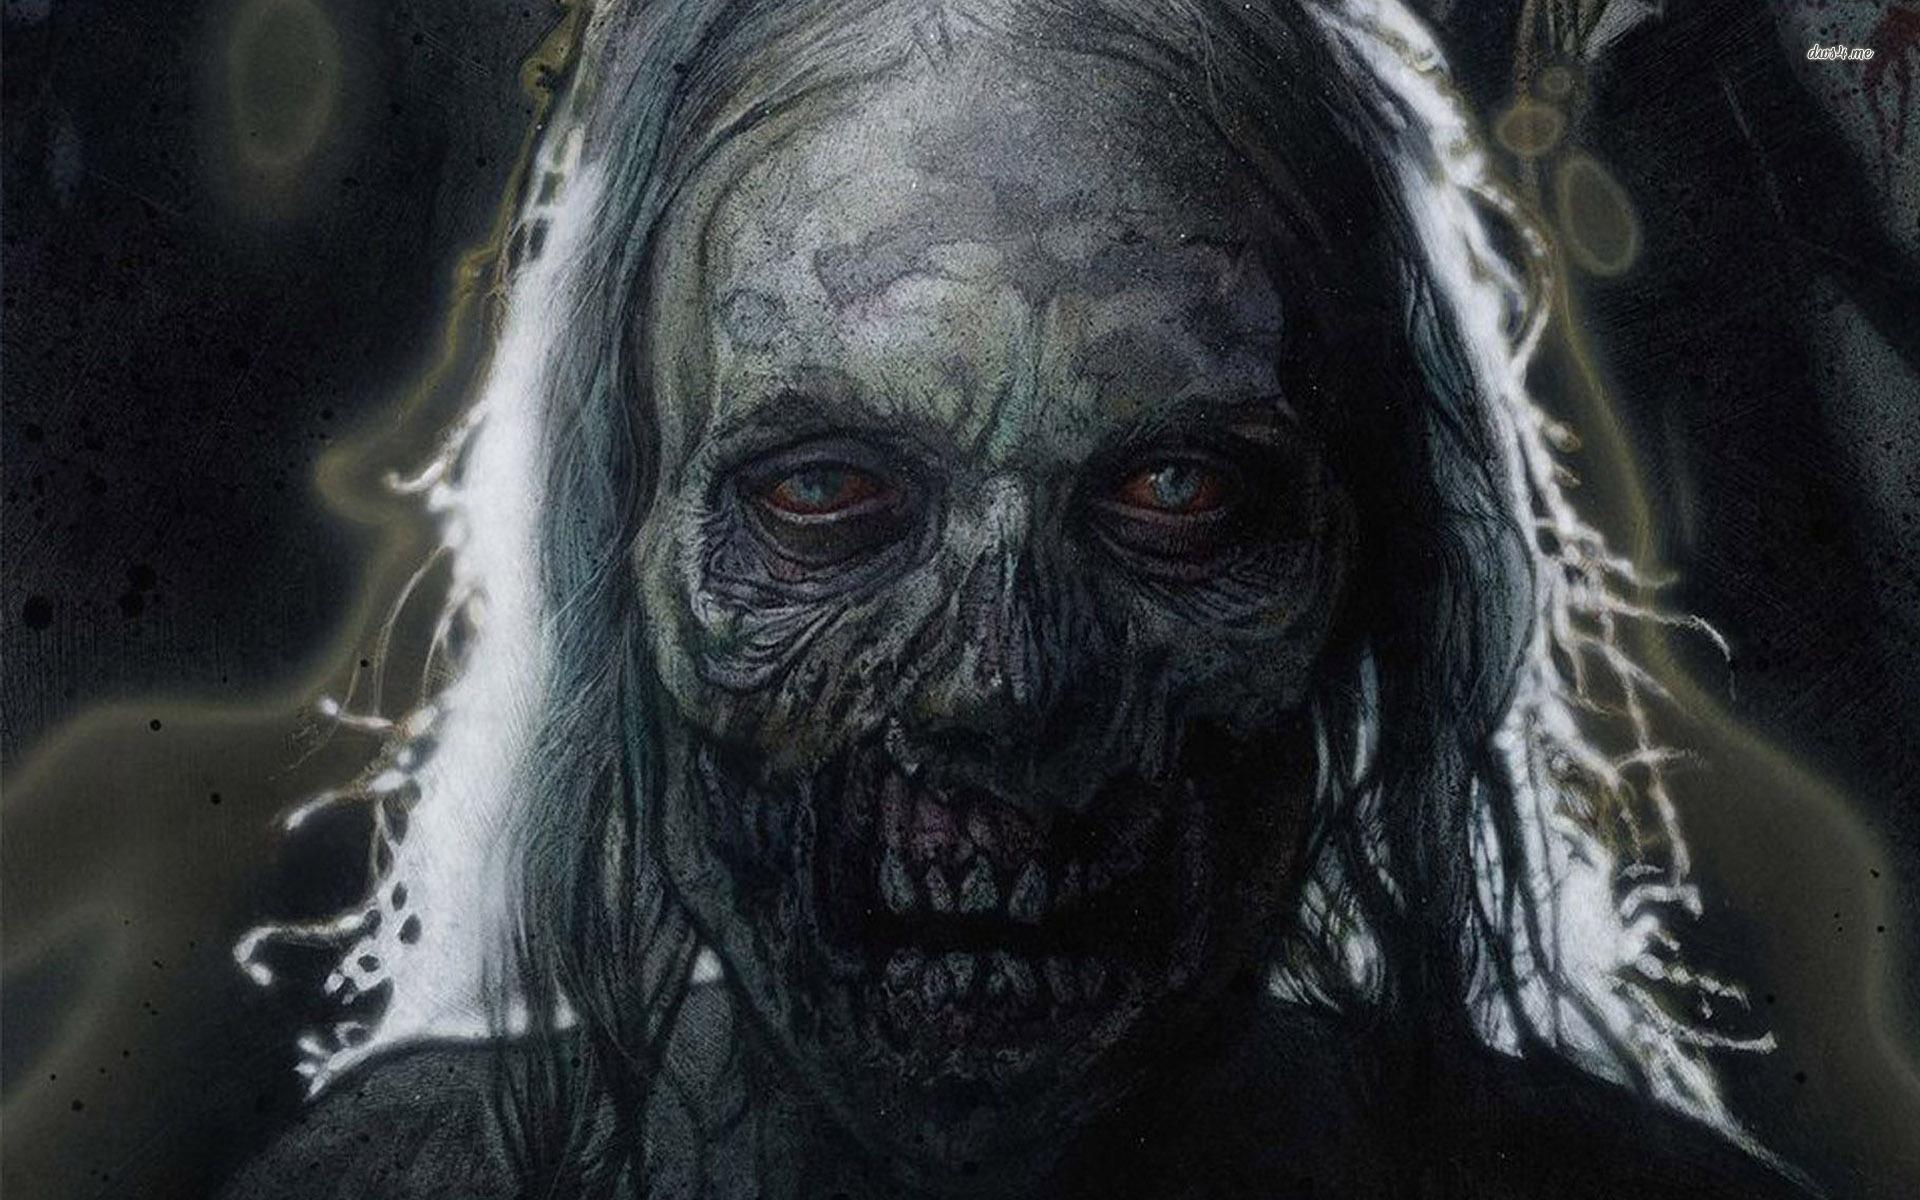 Hd Zombie Wallpapers - WallpaperSafari